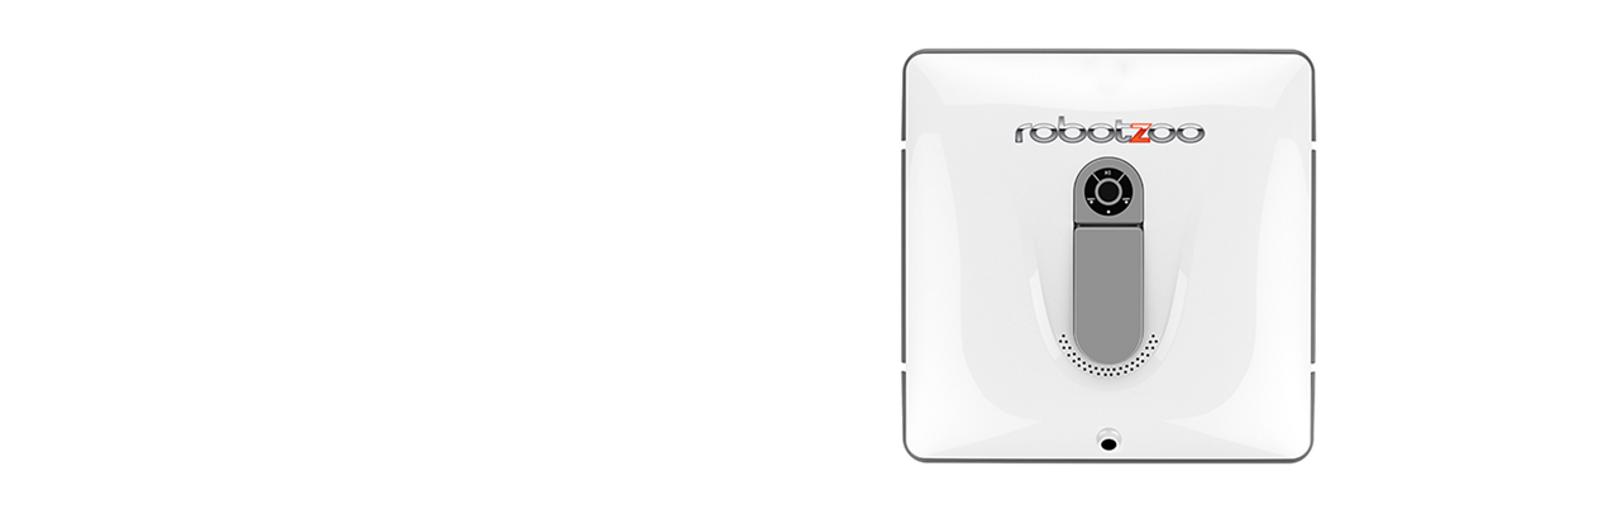 RobotZoo